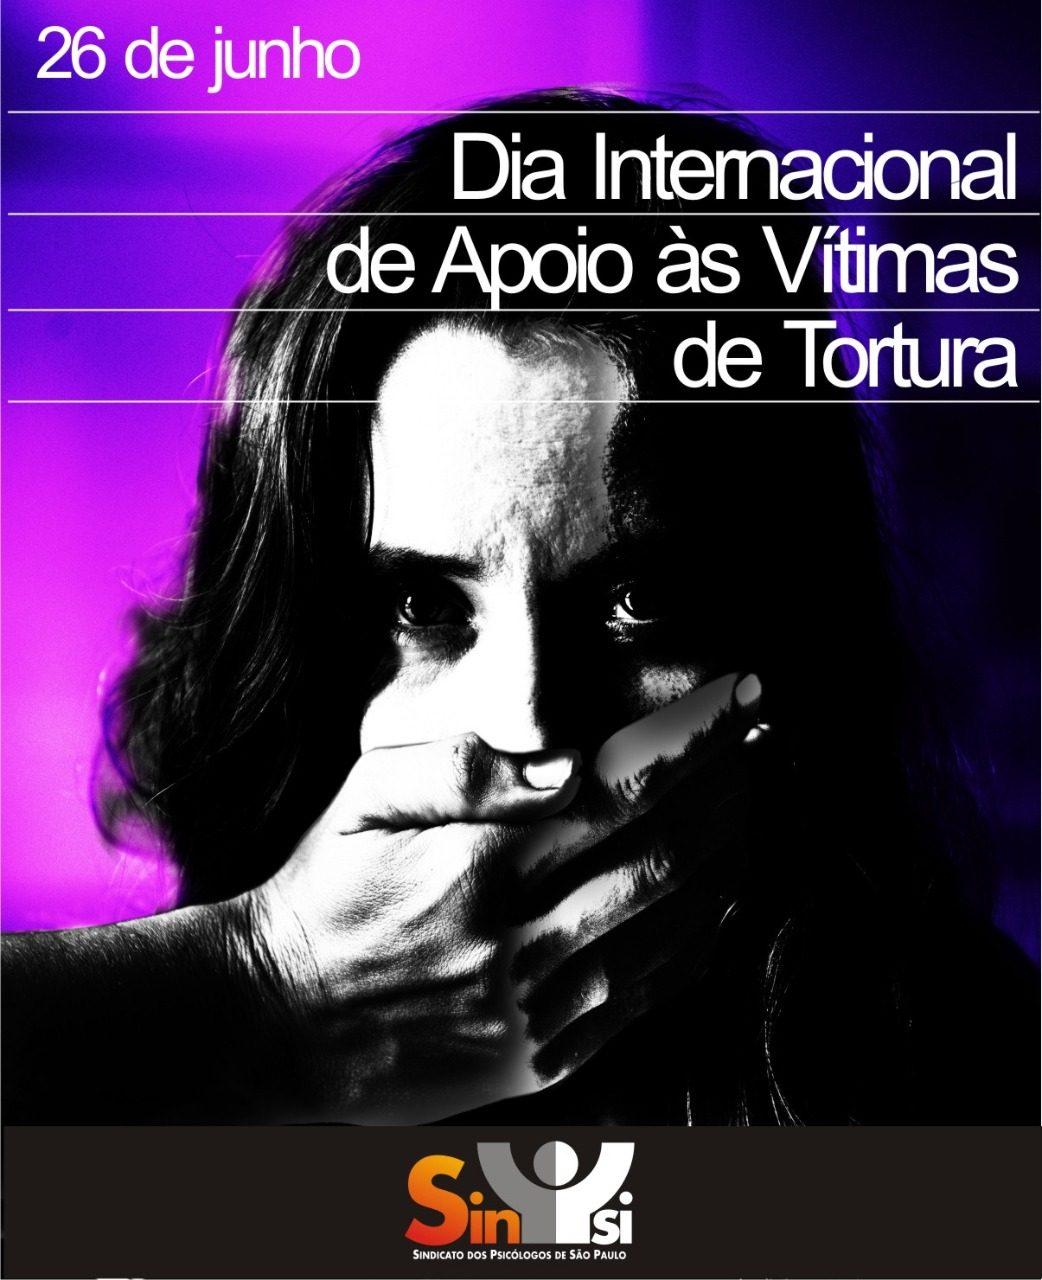 dia internacional do apoio às vítimas de tortura